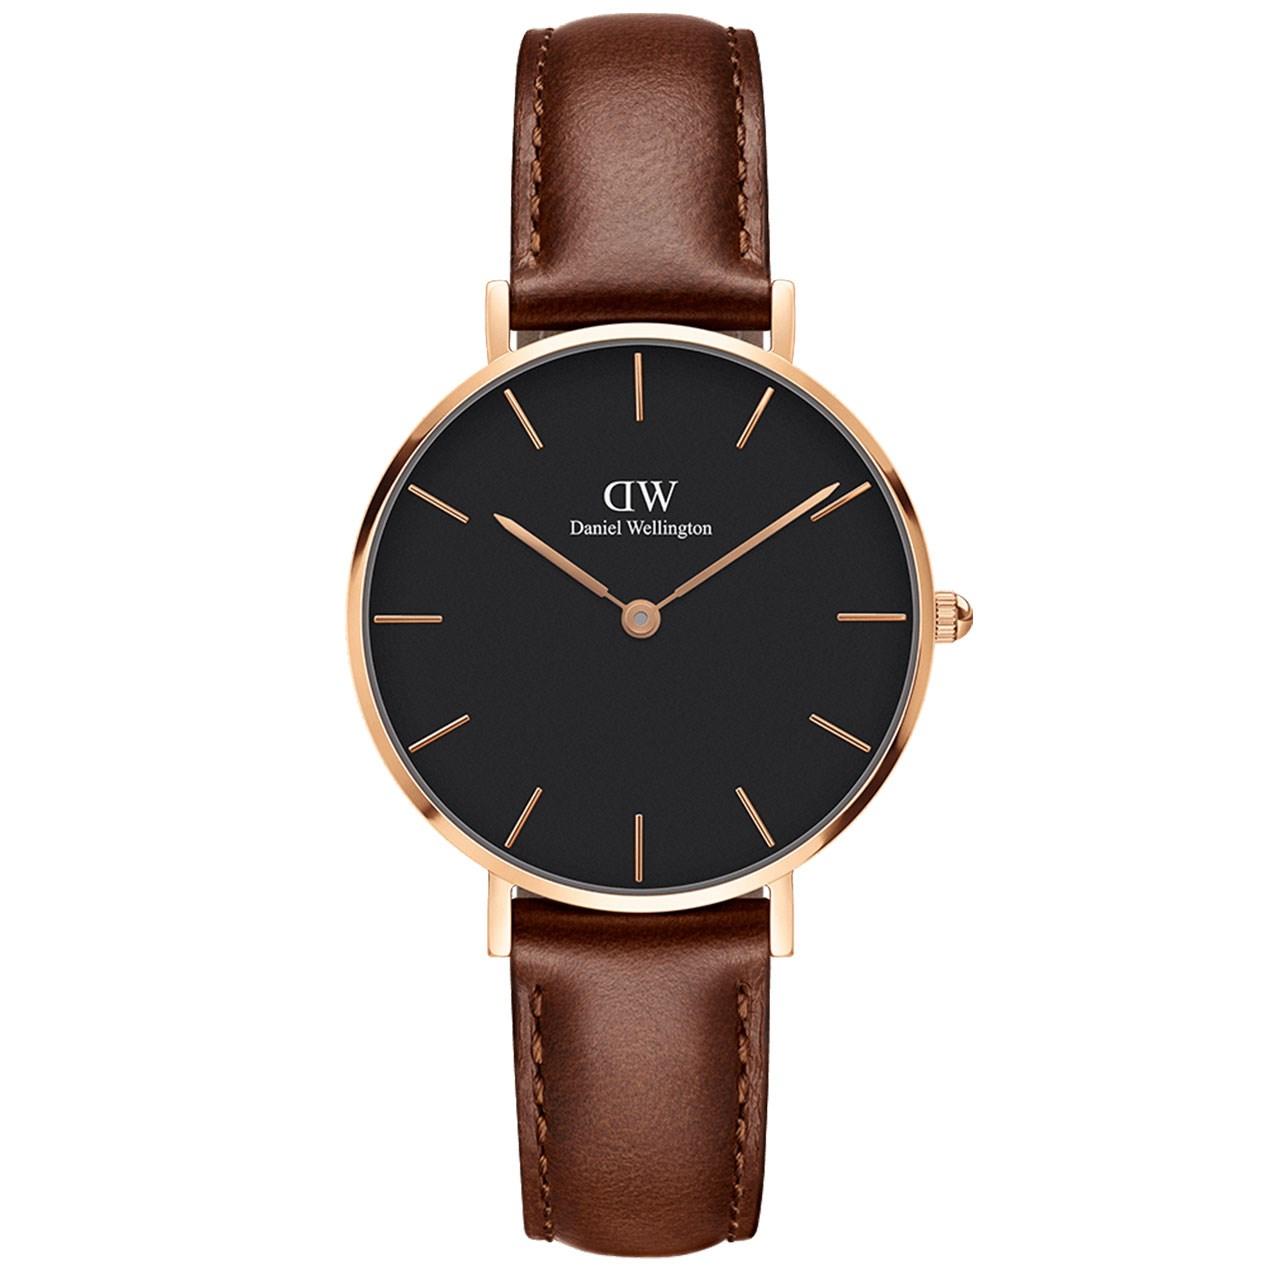 ساعت مچی عقربه ای زنانه دنیل ولینگتون مدل DW00100169